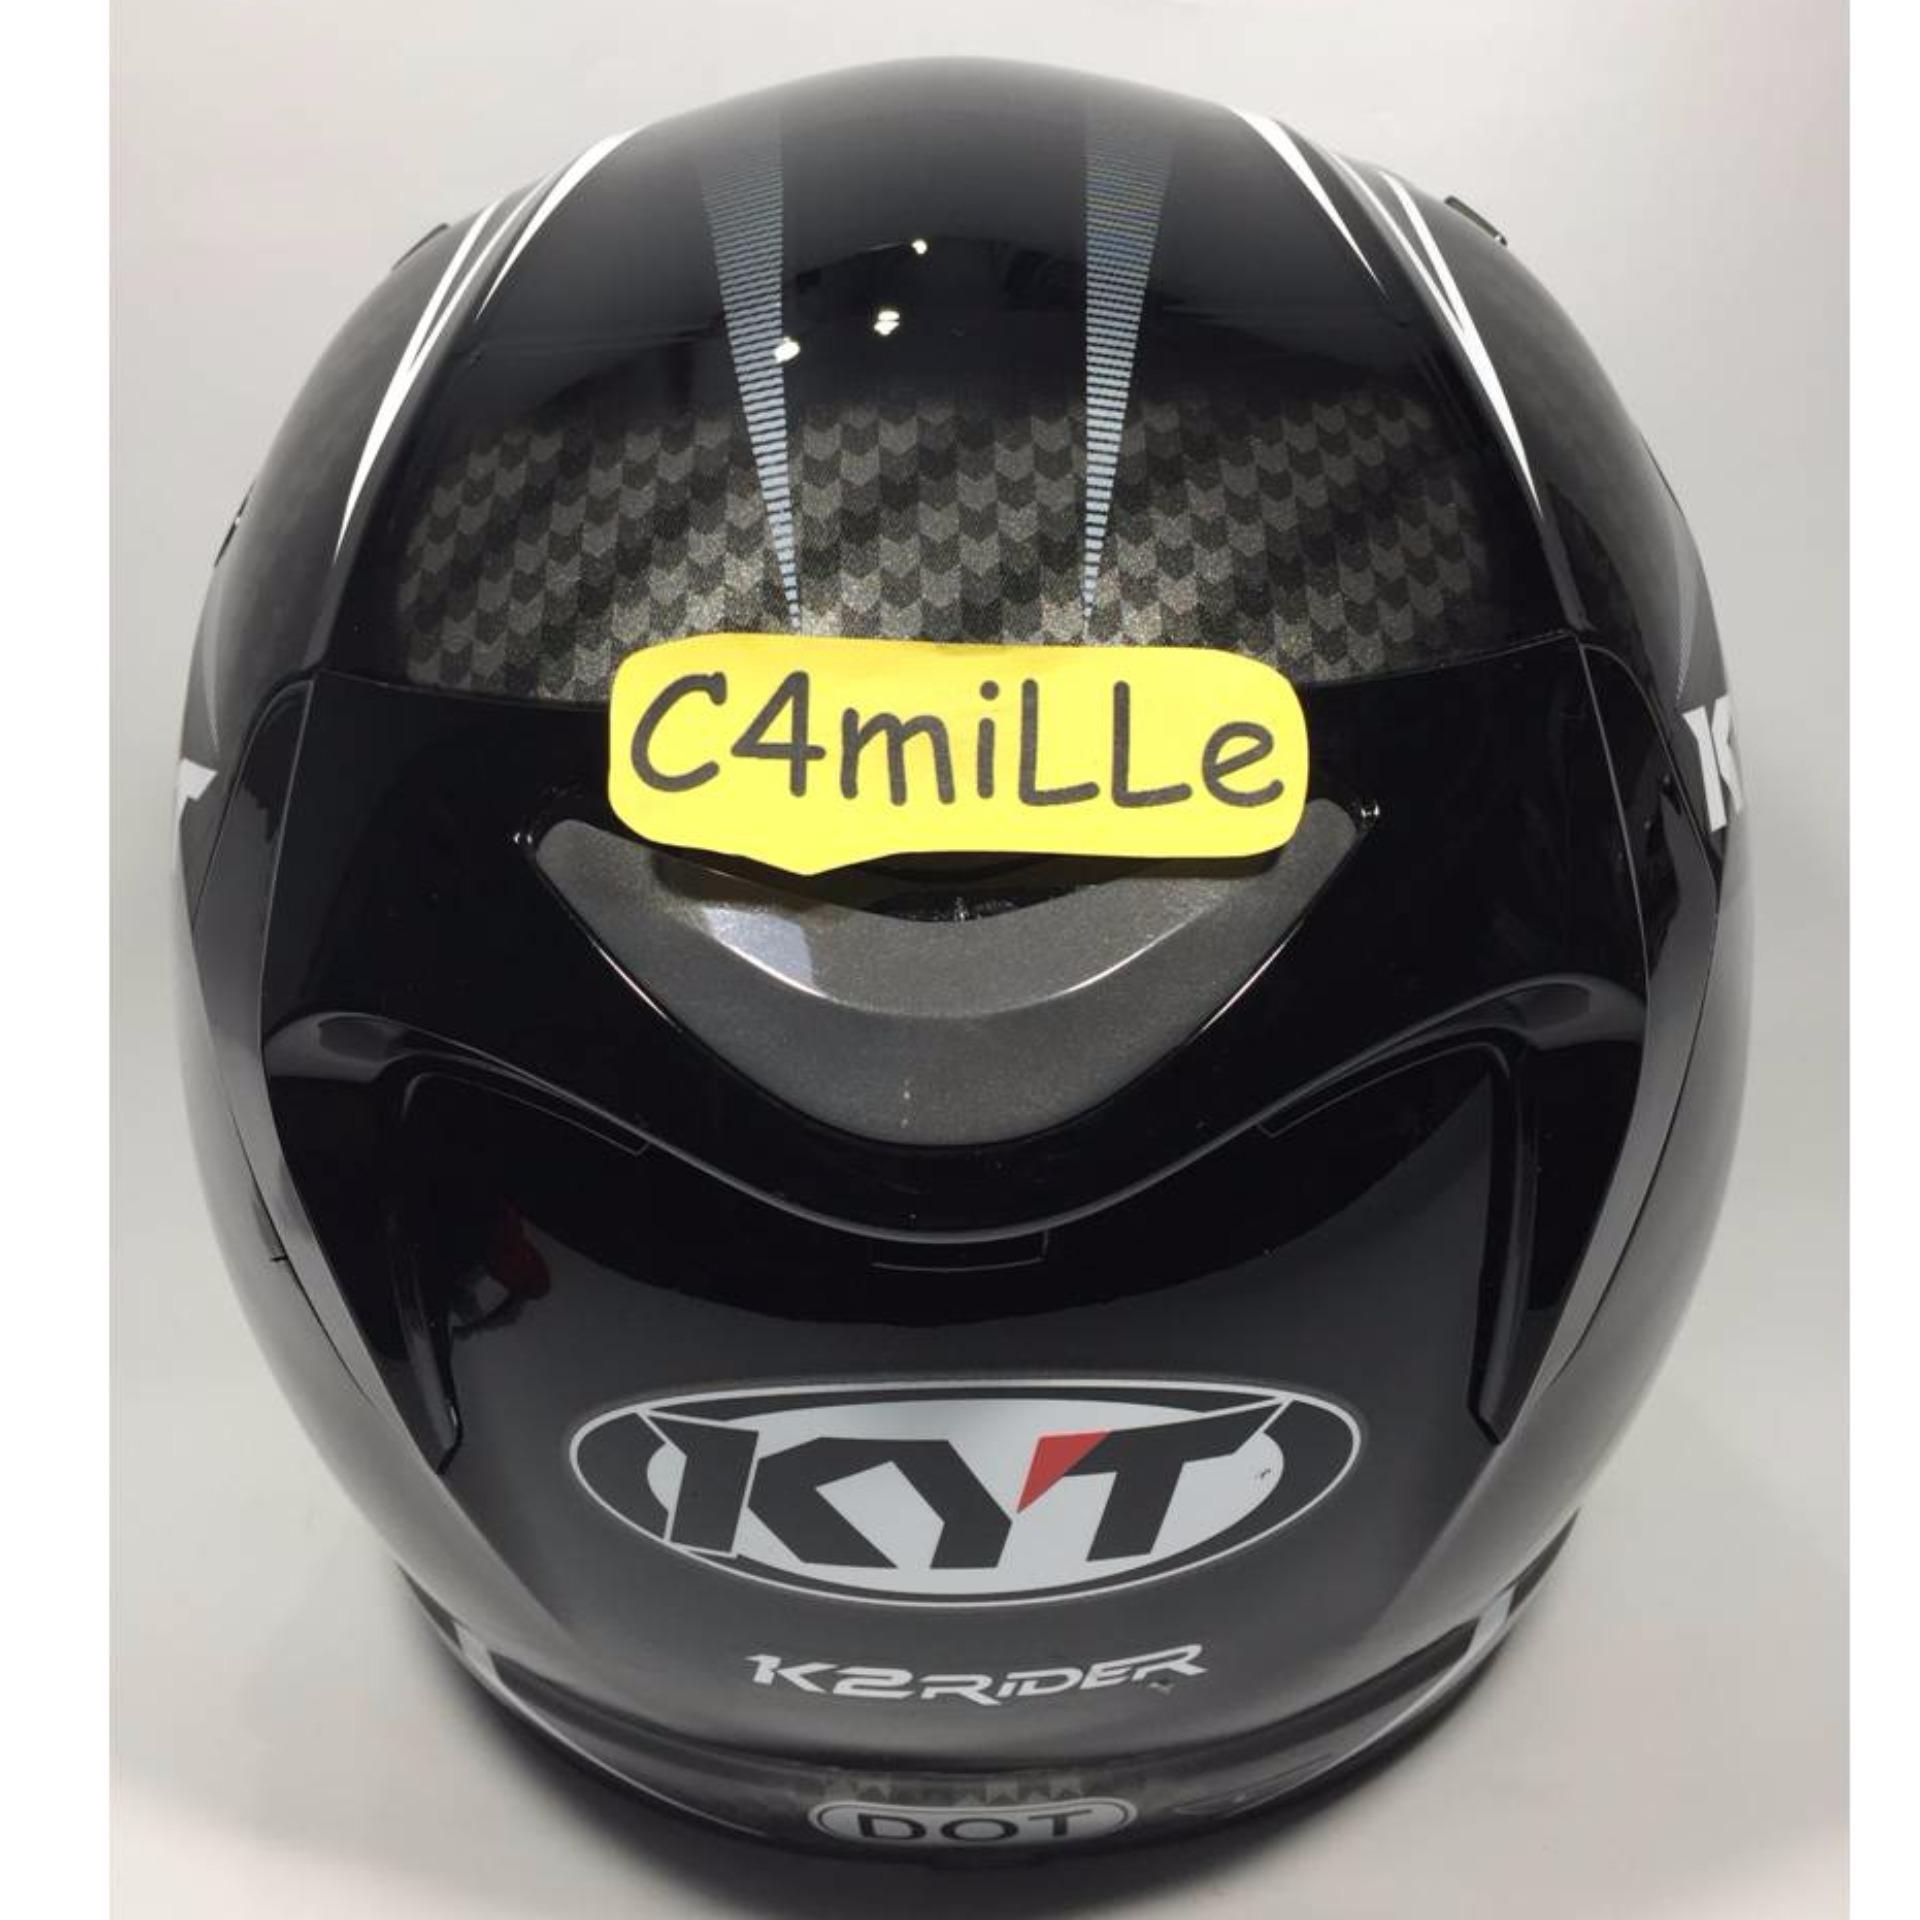 Snail Helm Half Face Retro 622 Double Visor Mika Panjang Hitam 310 White With Revo Green Kyt K2 Rider Spotlight Black Fluo Full